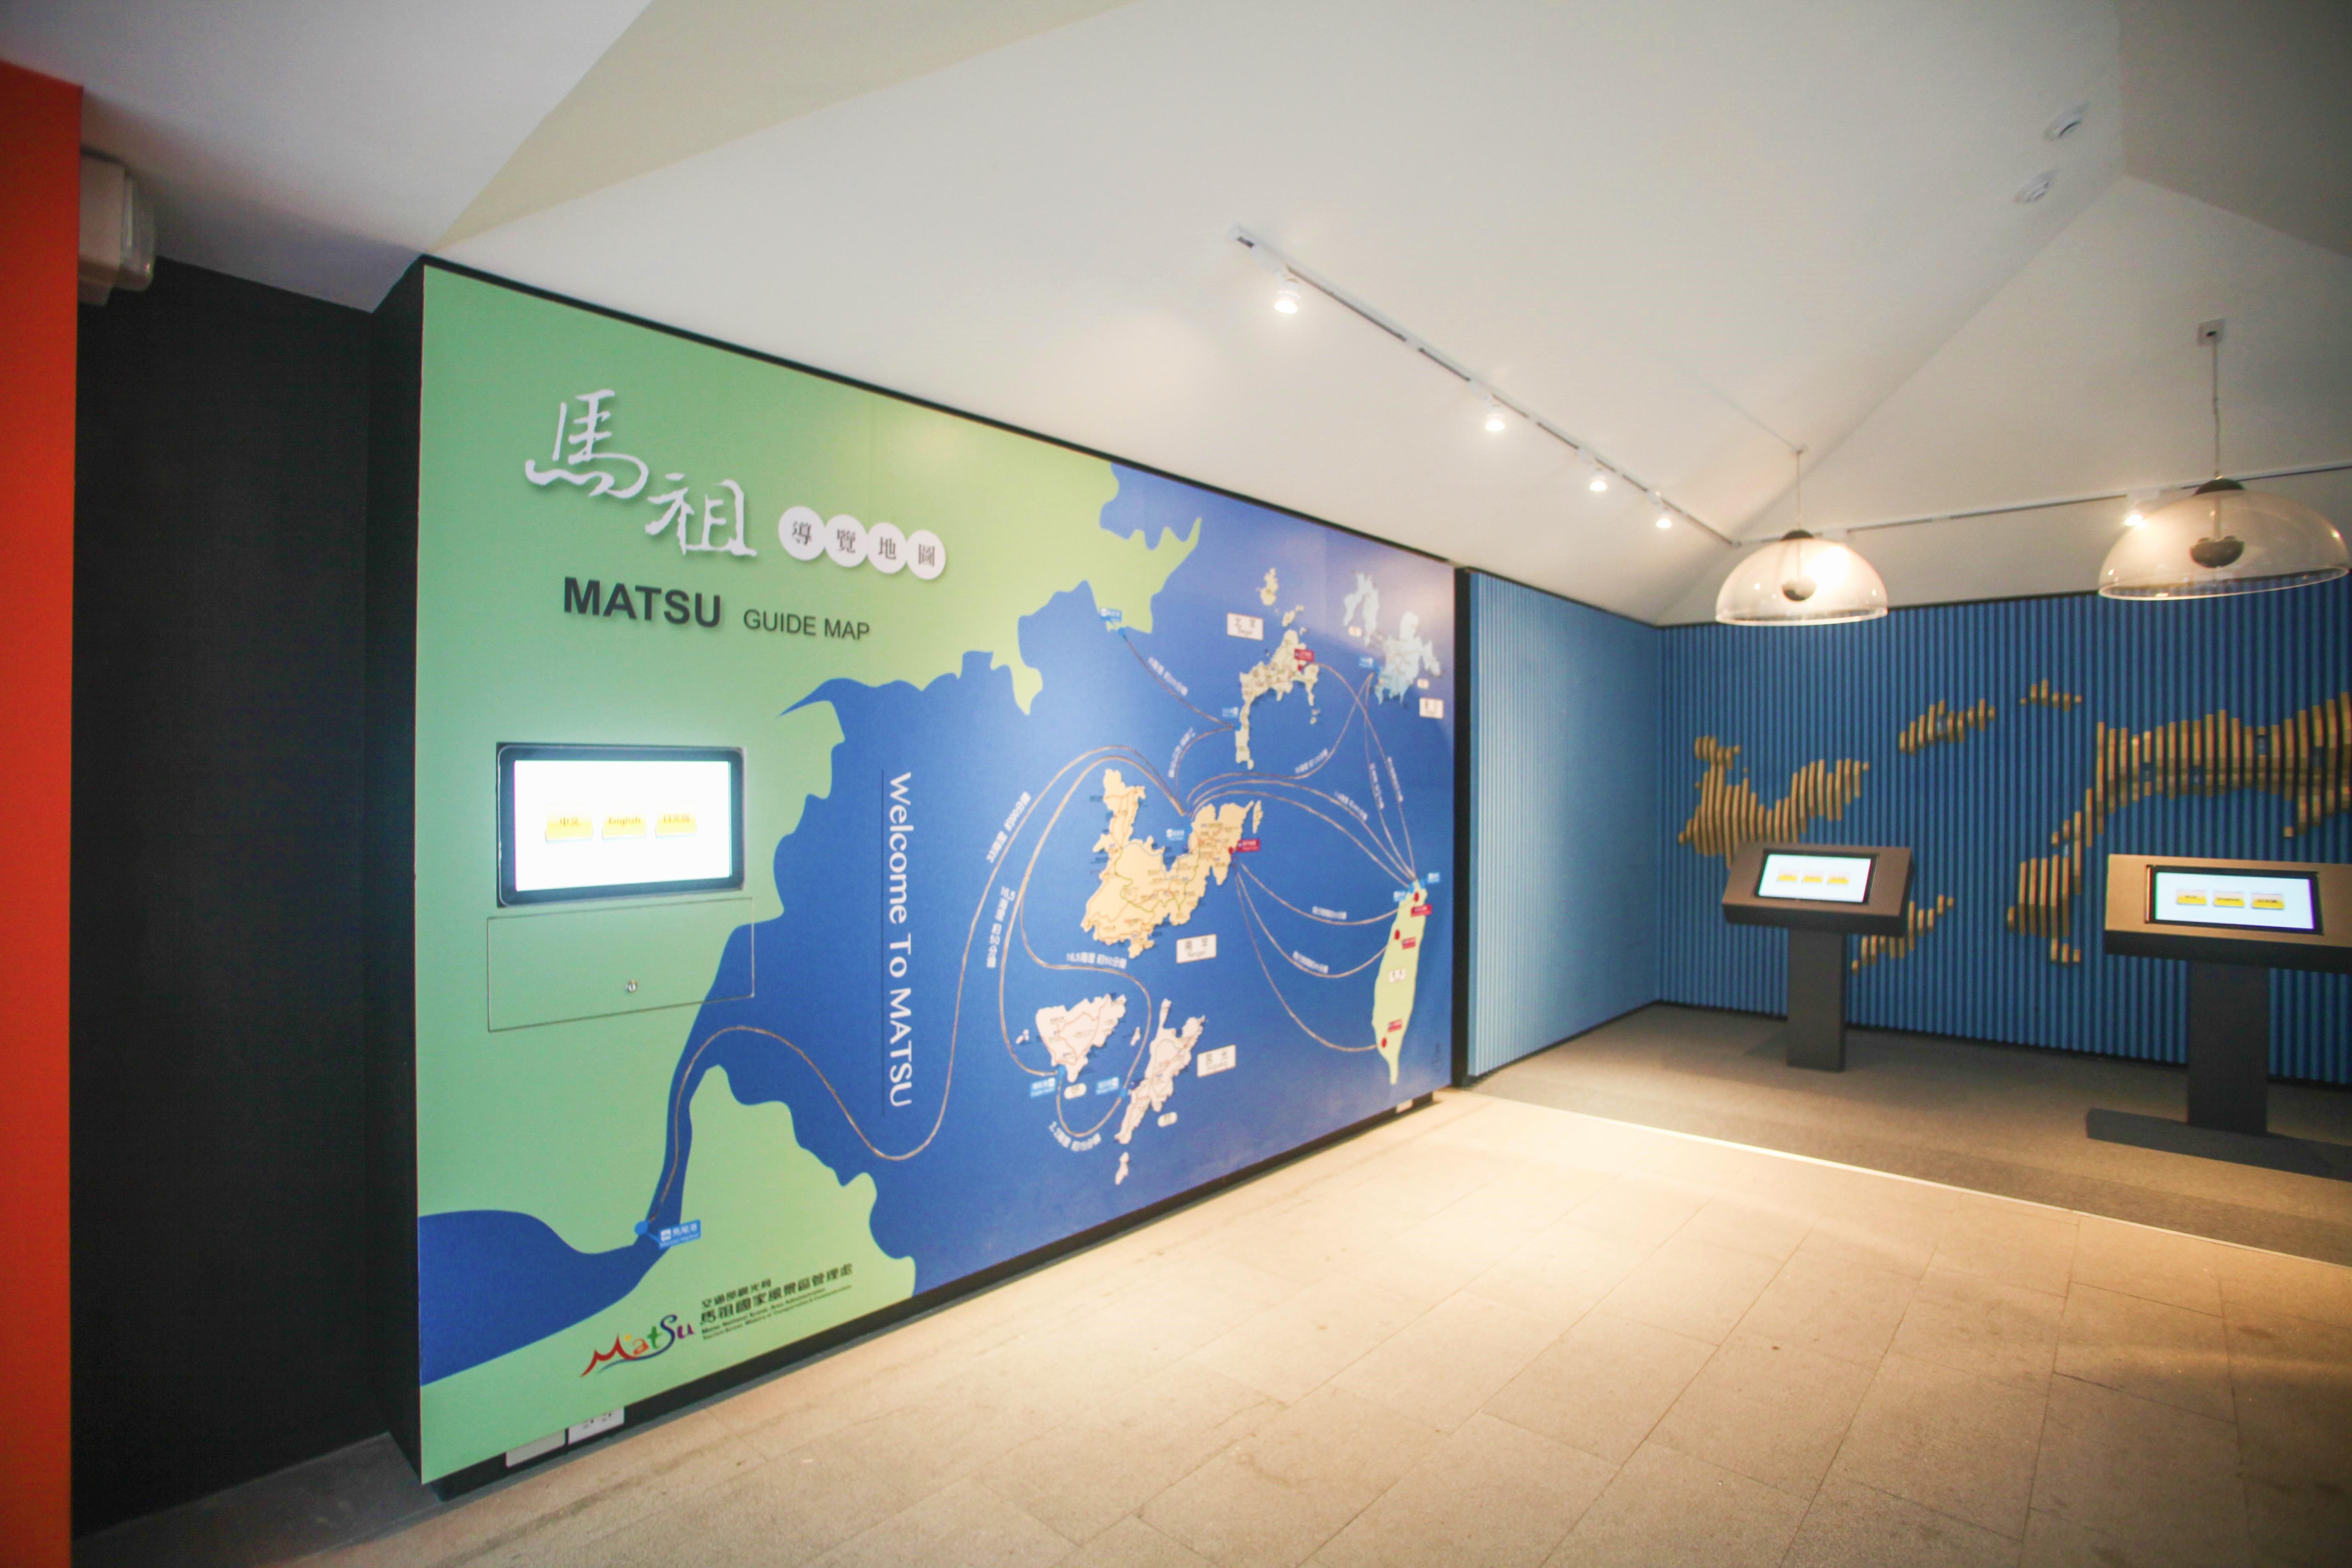 馬祖ガイドマップ